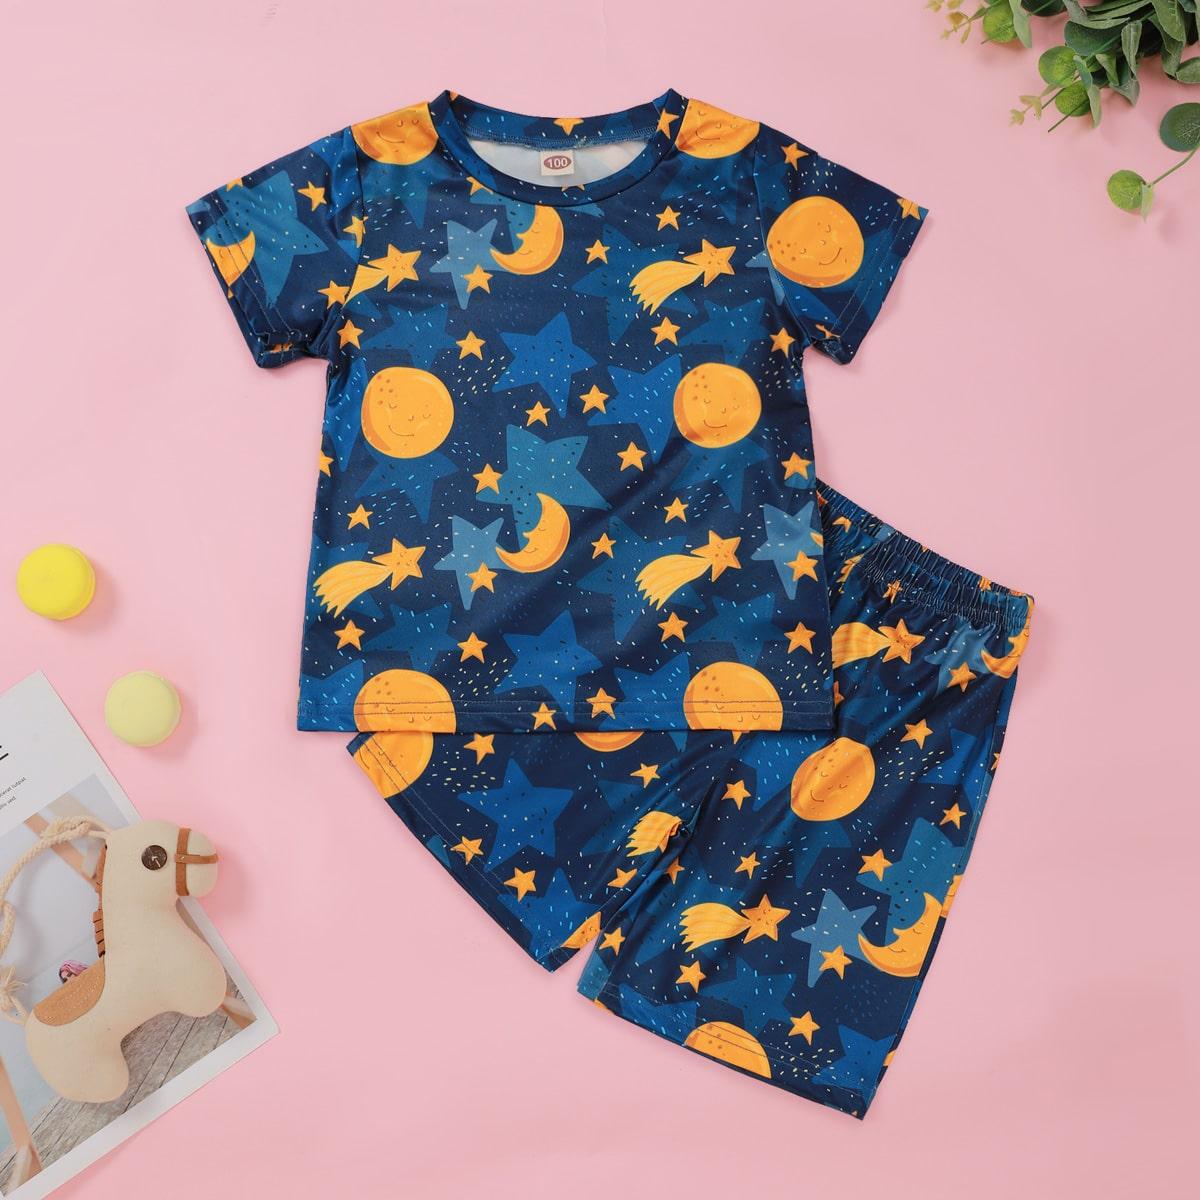 Принт космос милый Домашняя одежда для мальчиков